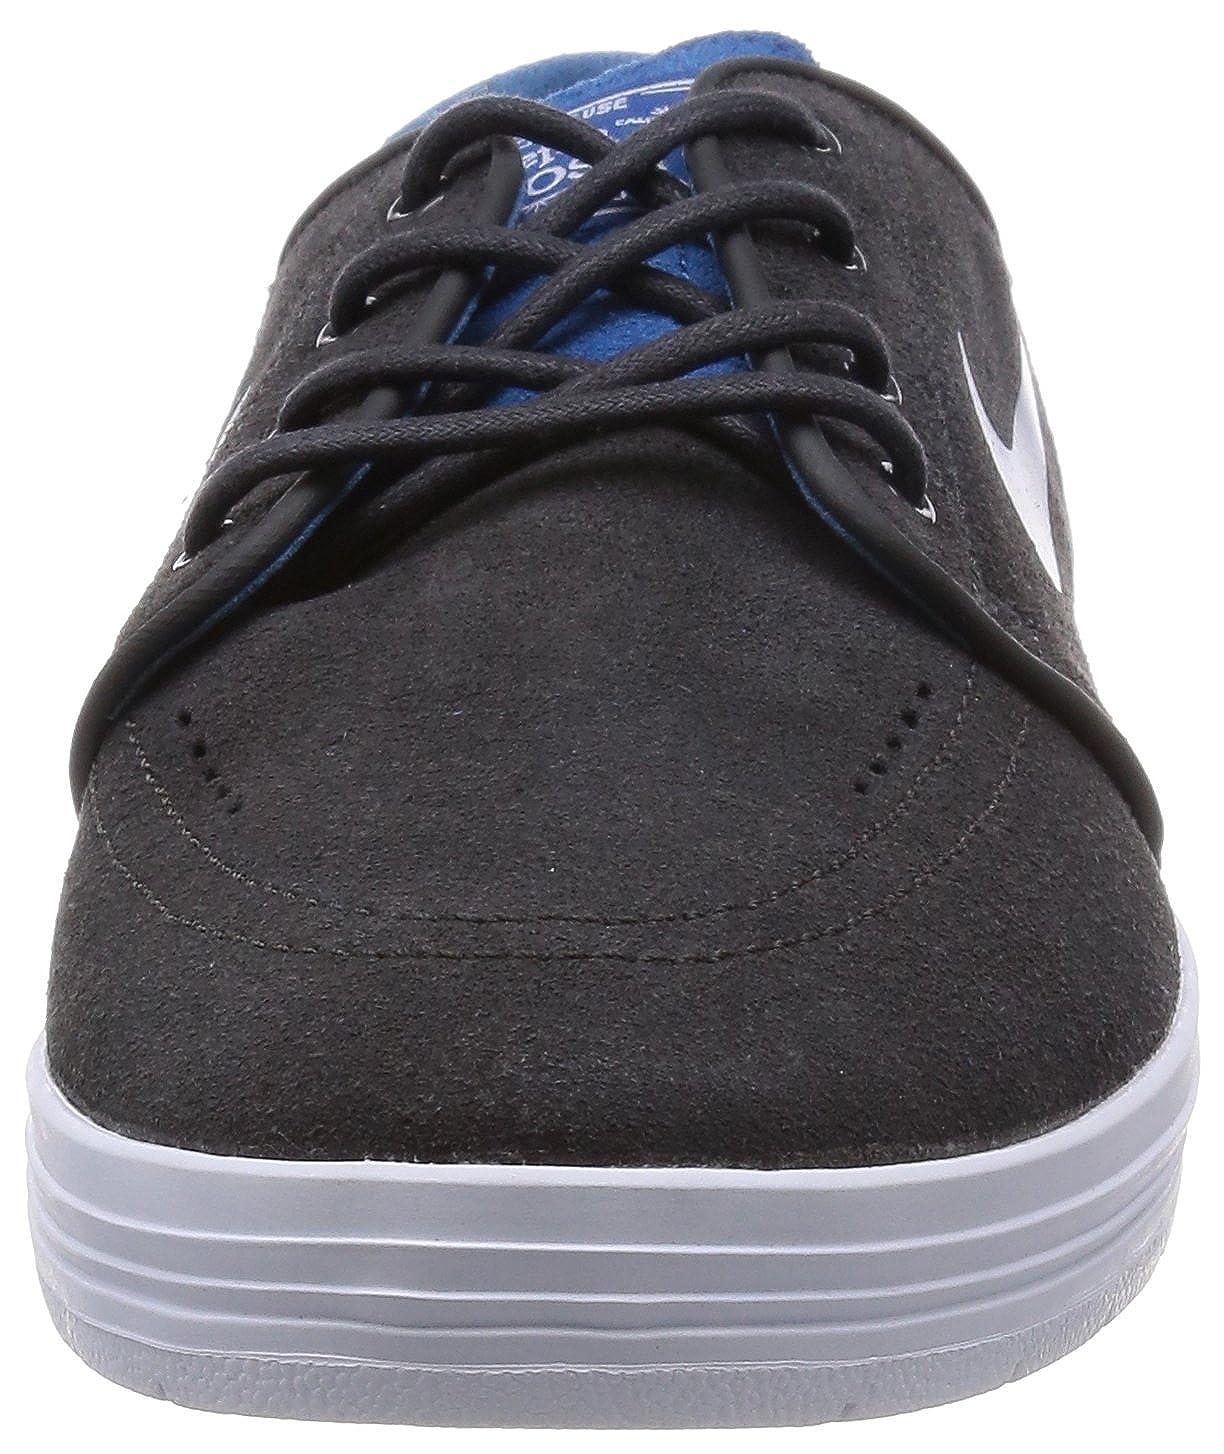 Chaussures de Skate pour Homme Nike Lunar Stefan Janoski